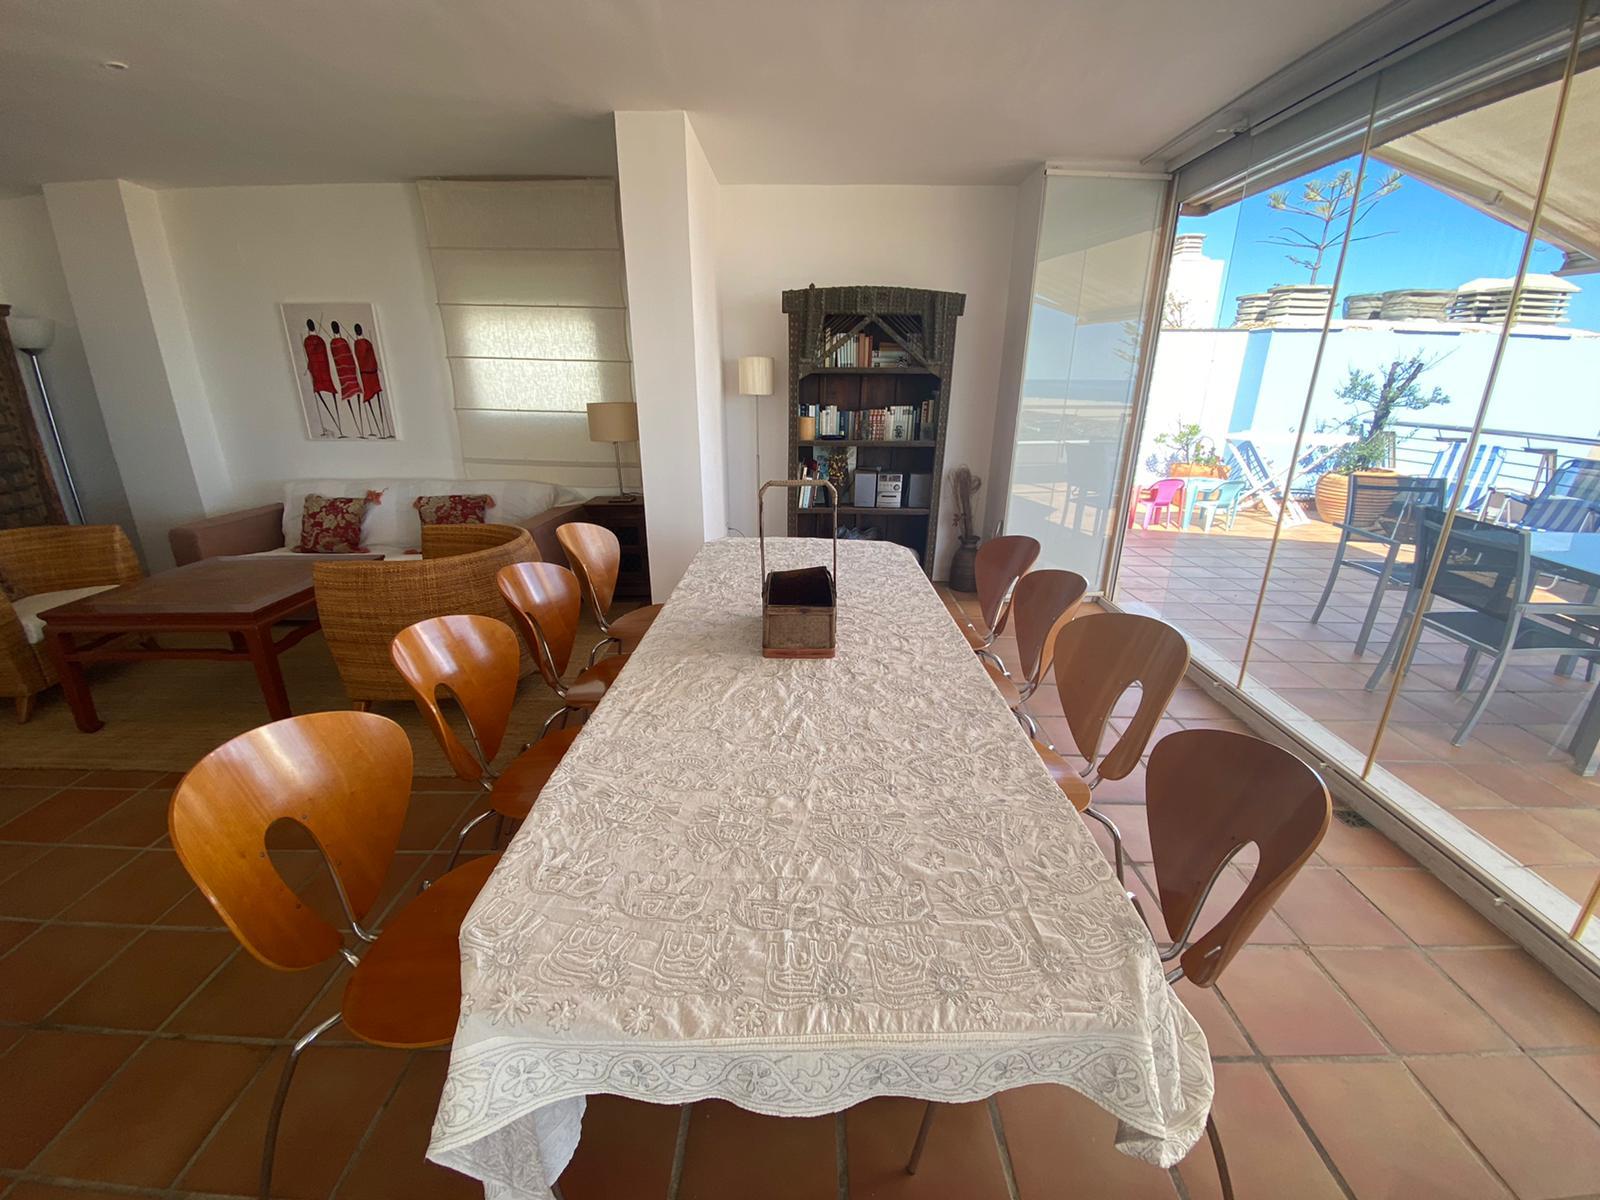 Imagen 10 del Apartamento Turístico, Ático 3 Levante, Frontal (4d+2b), Punta del Moral (HUELVA), Paseo de la Cruz nº22